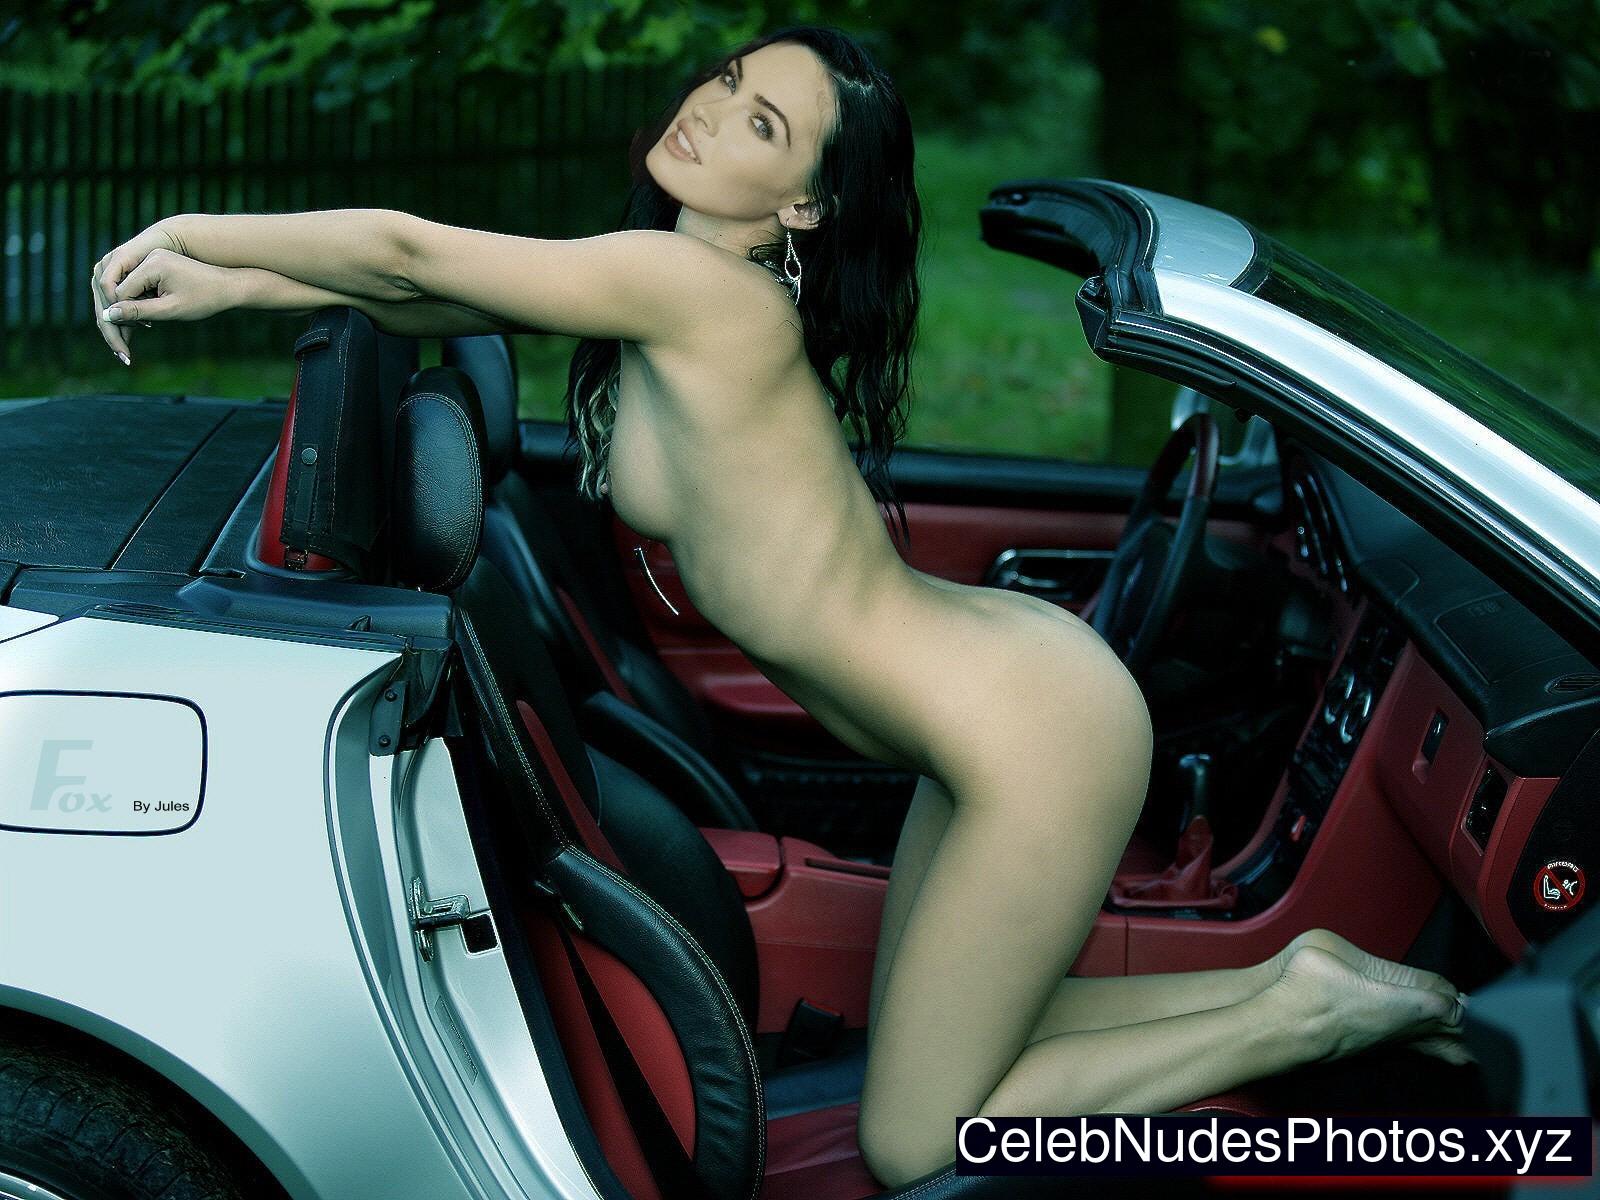 Megan Fox nude celeb pics